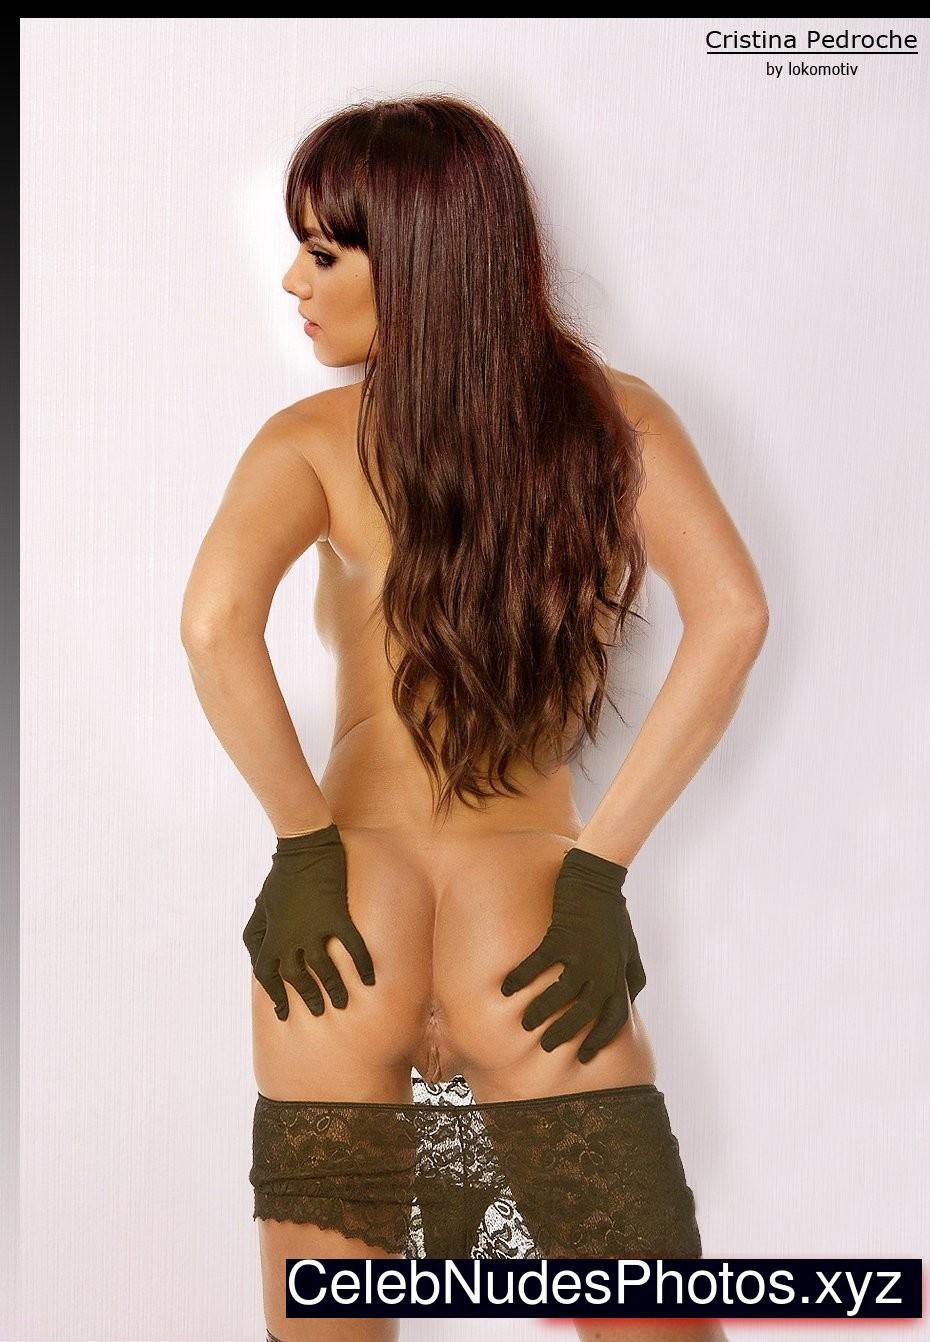 Cristina Pedroche naked celebrity